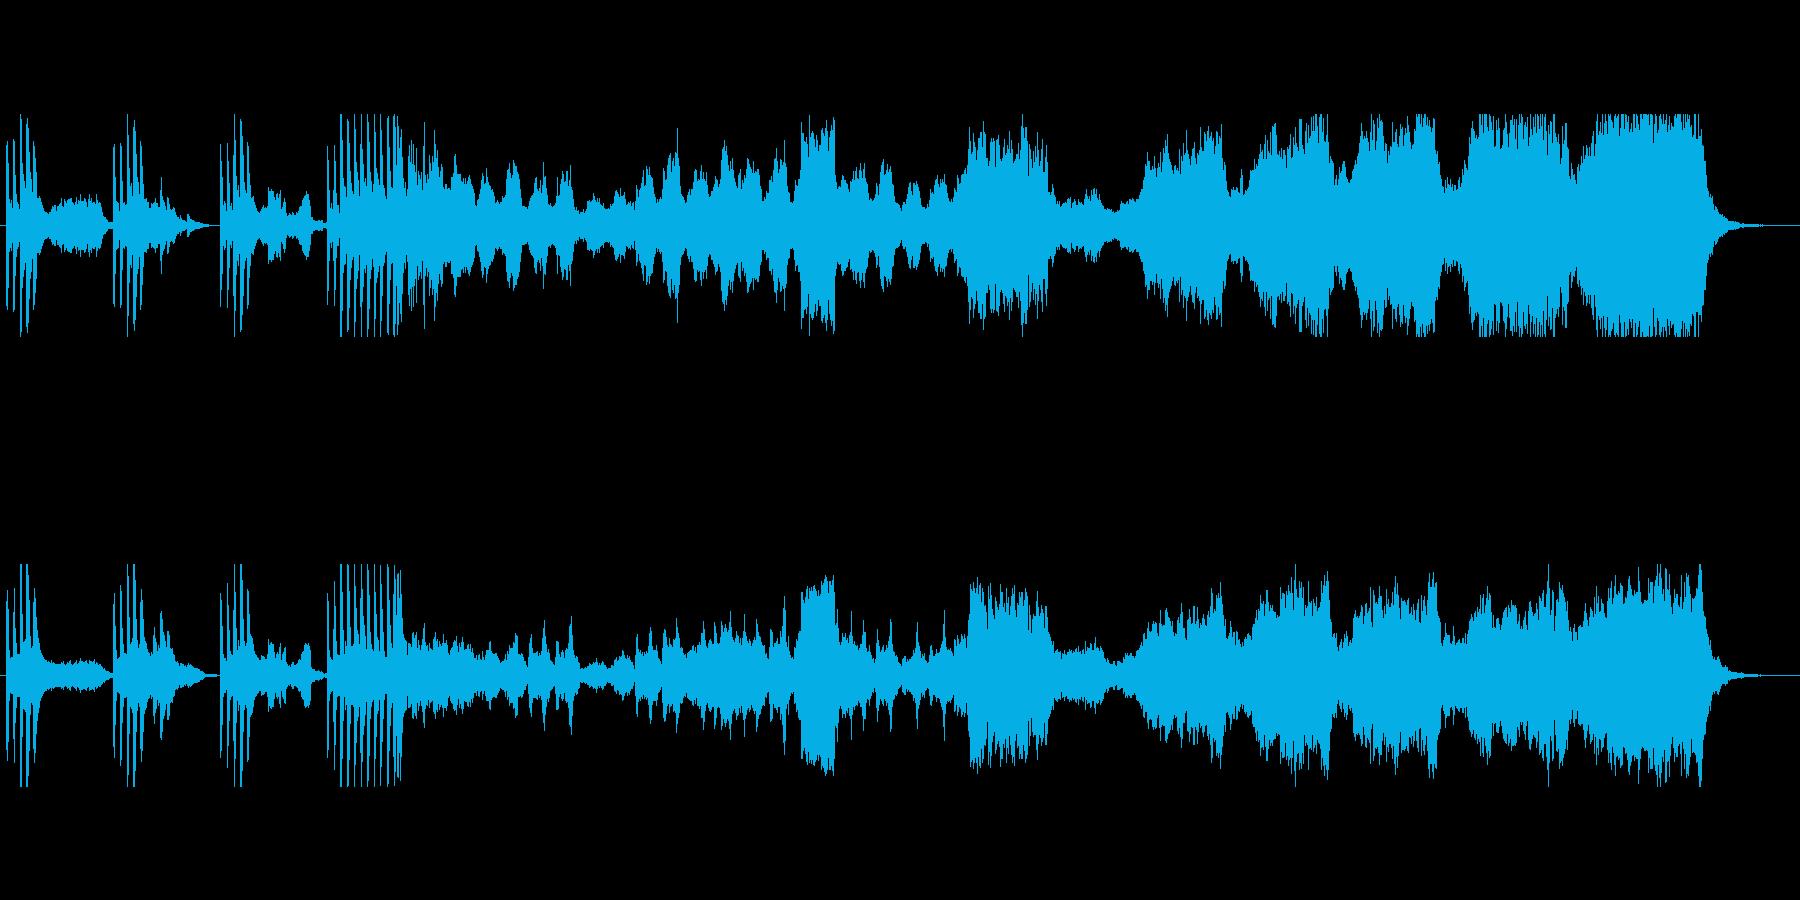 ダーク・ファンタジーのオーケストラ曲の再生済みの波形